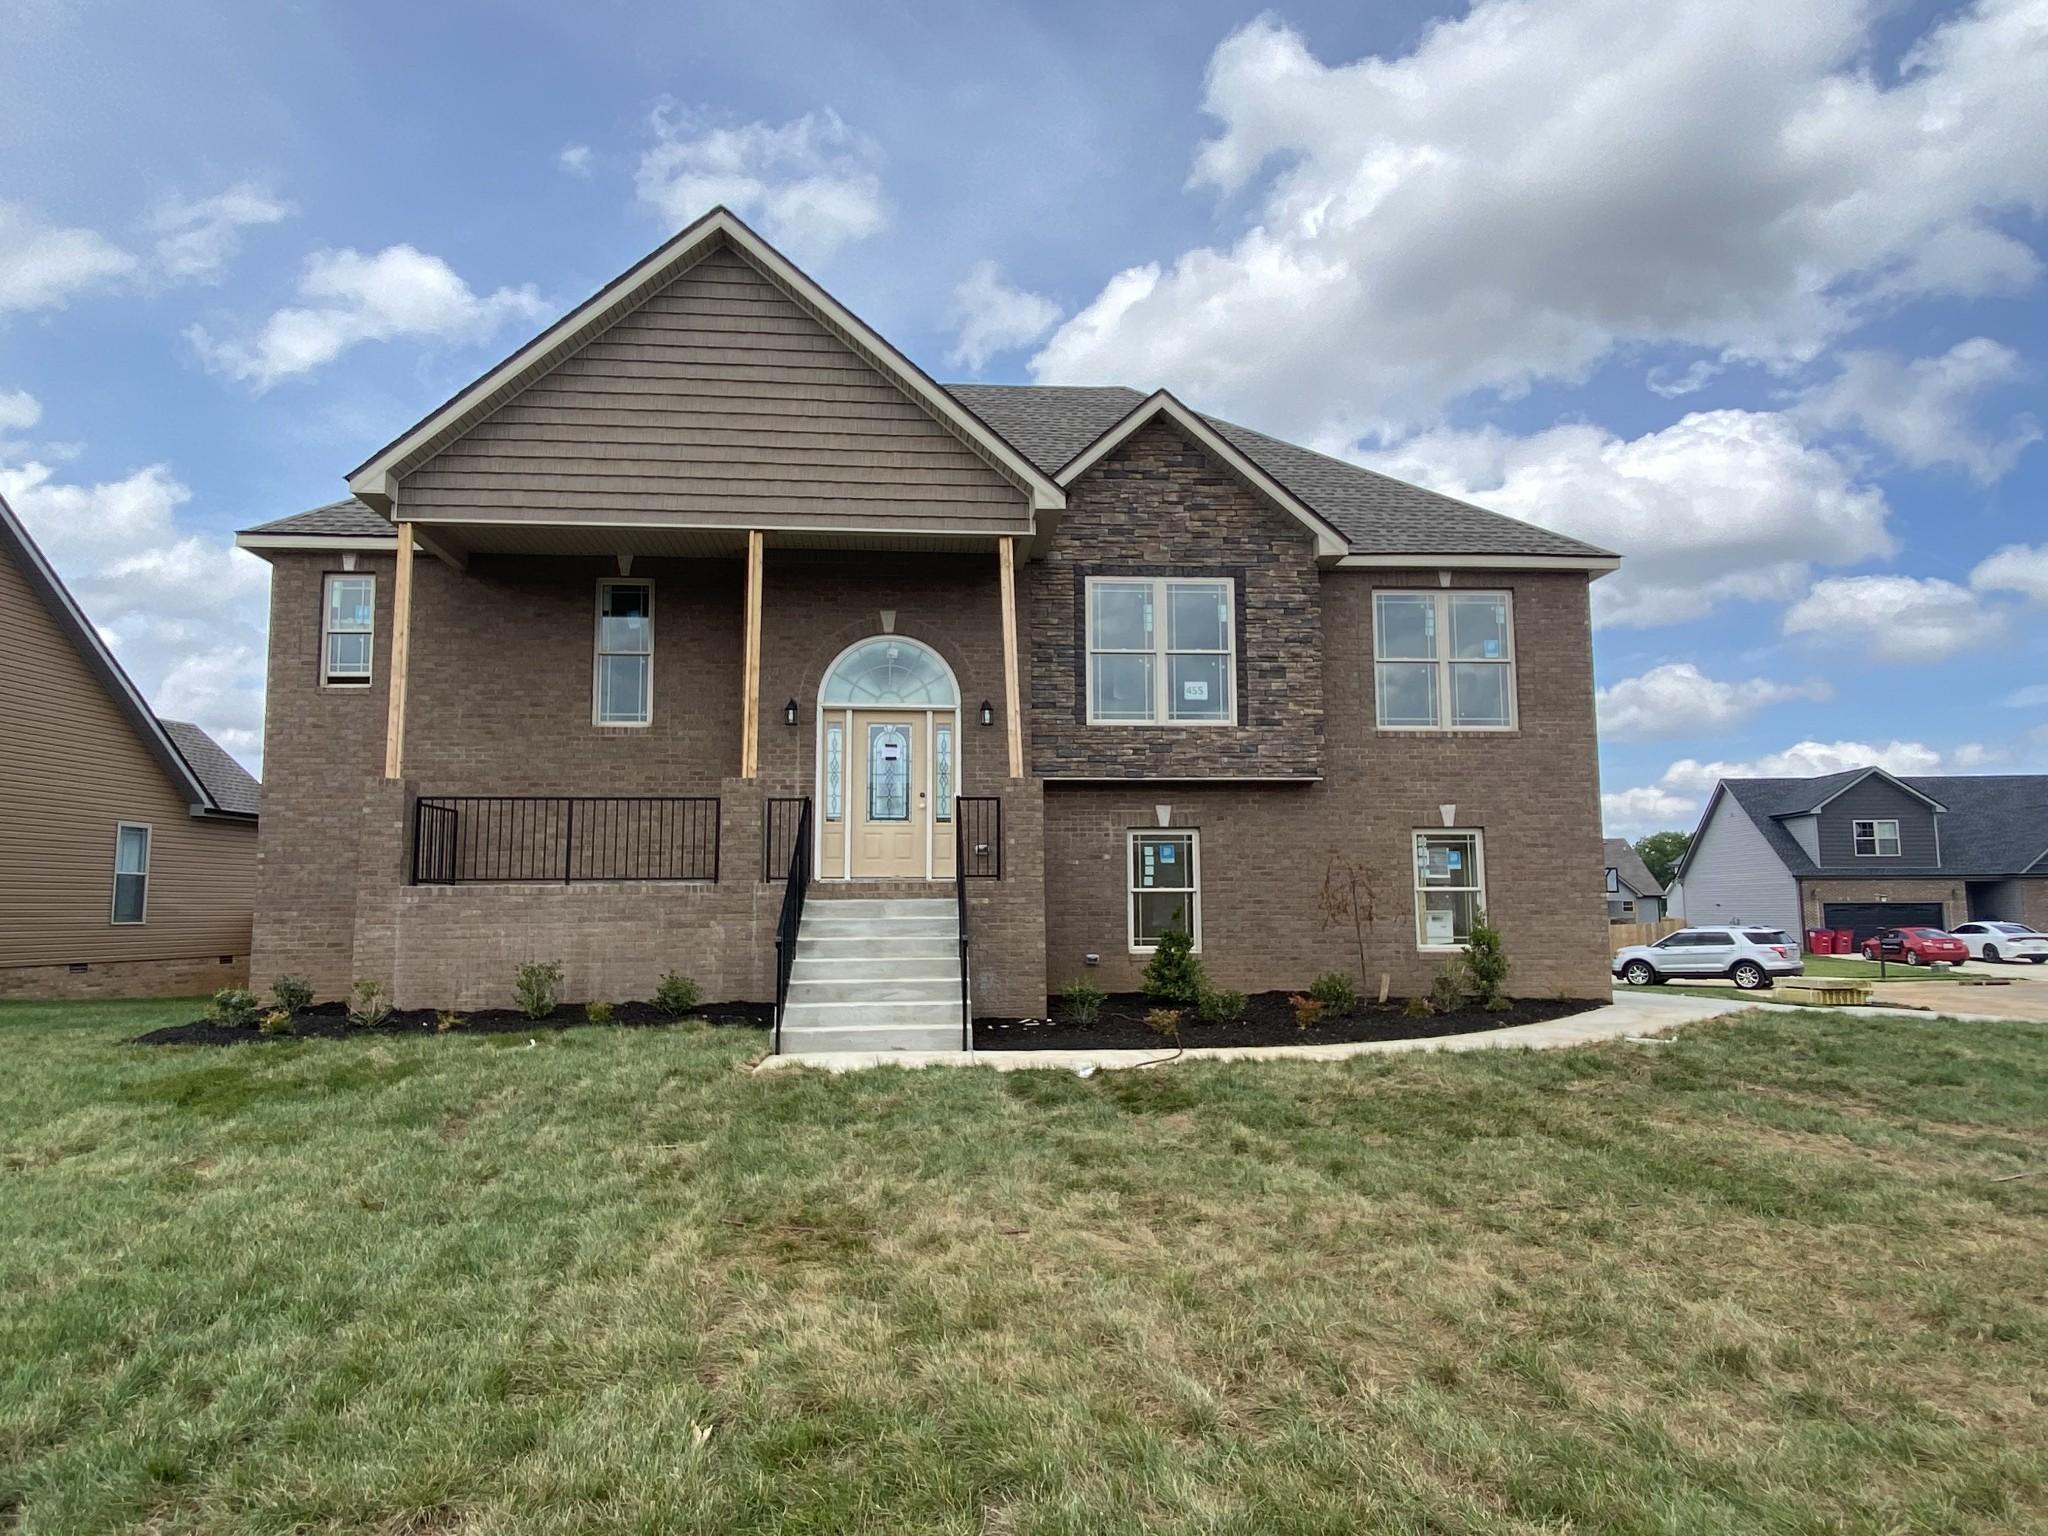 455 Autumnwood Farms, Clarksville, TN 37042 - Clarksville, TN real estate listing